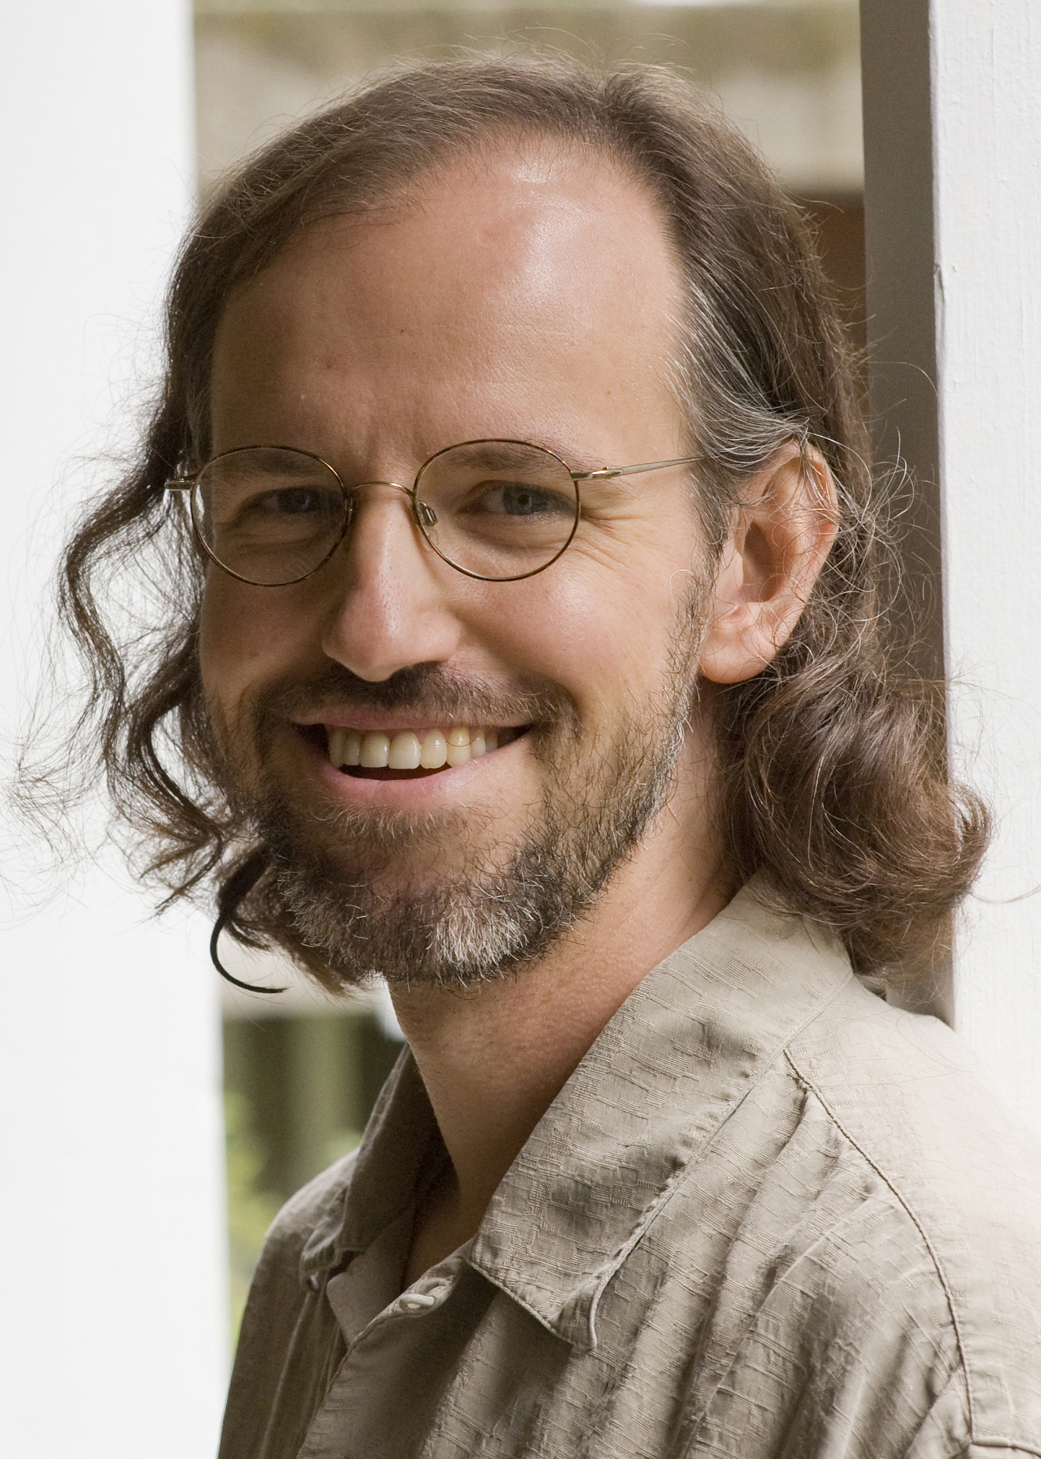 Daniel McKanan